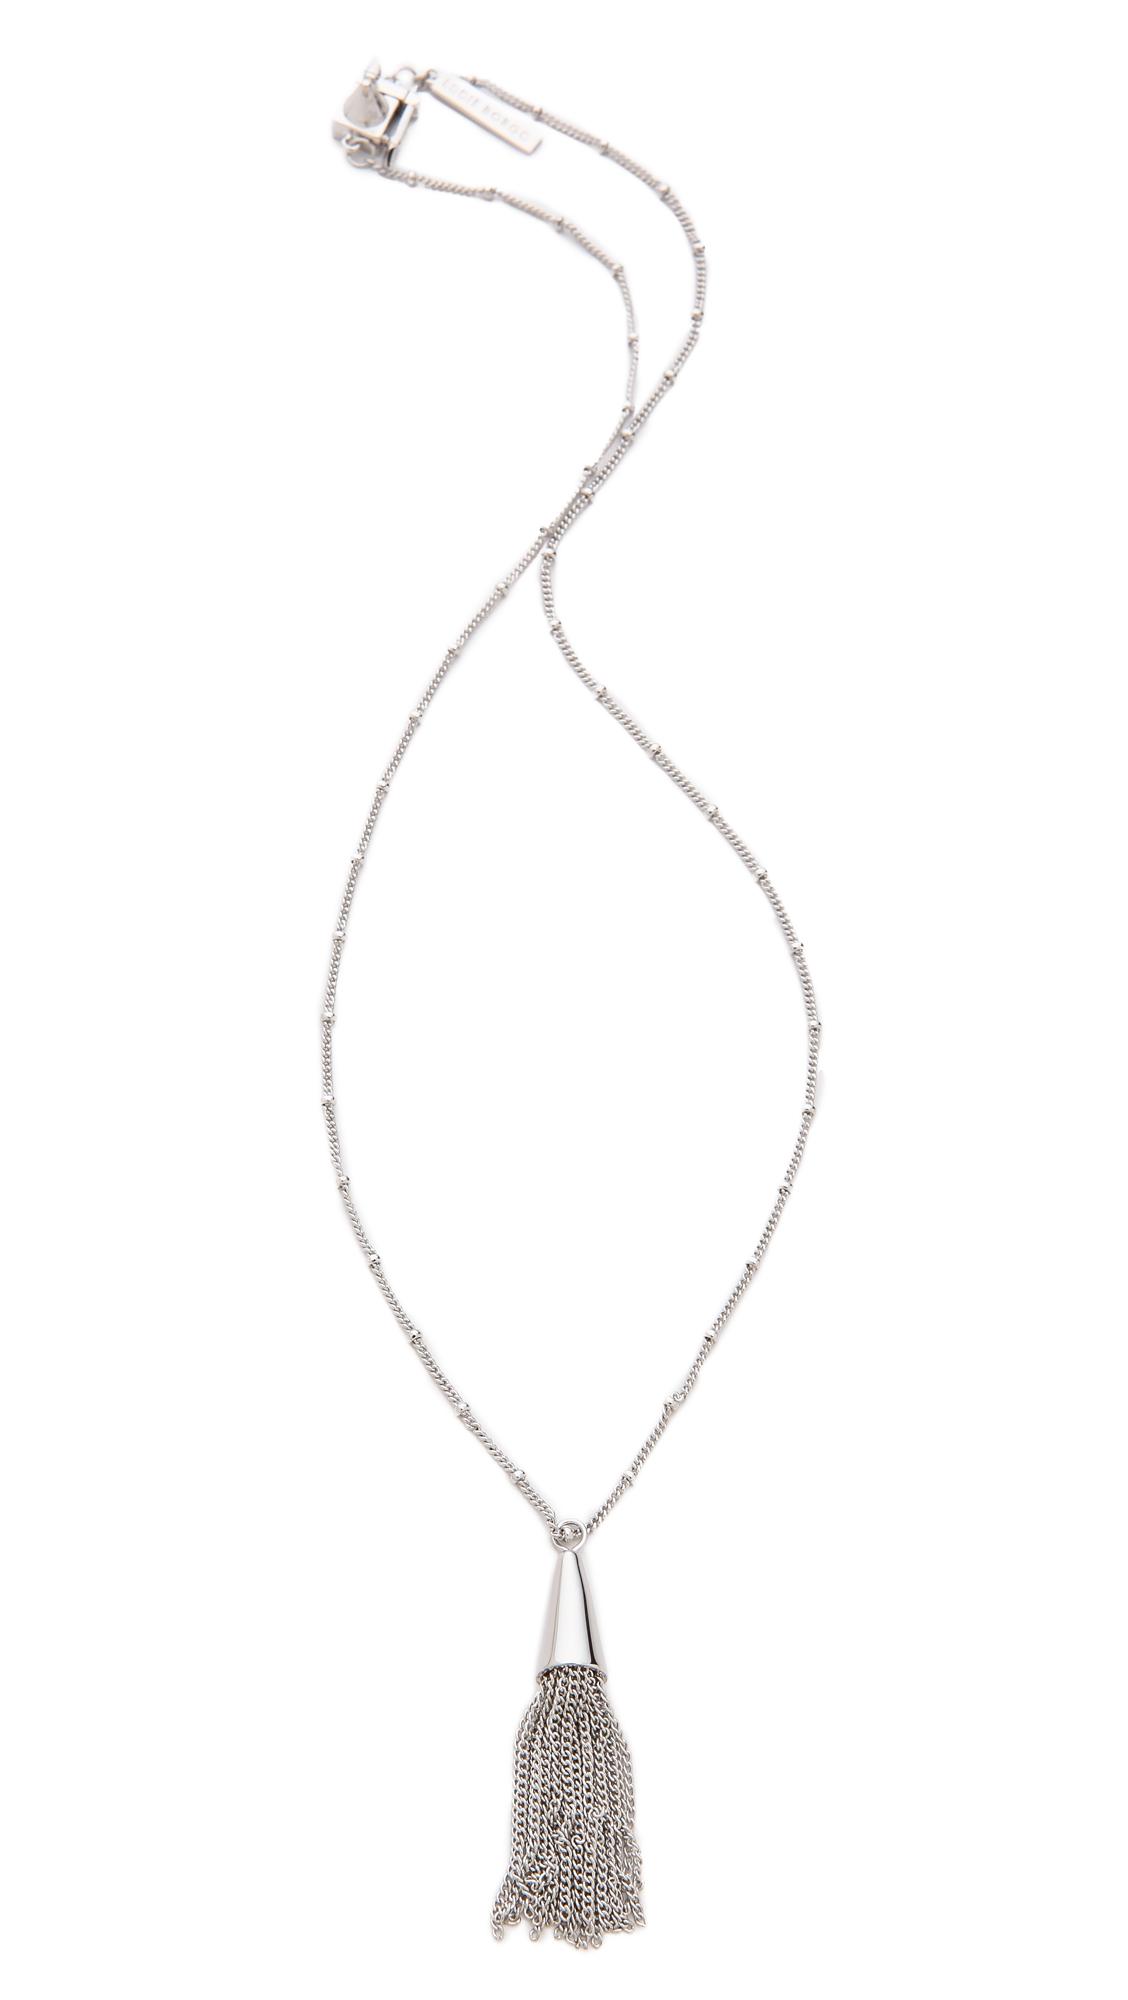 Eddie Borgo Small Chain Tassel Pendant Necklace - Silver in Metallic